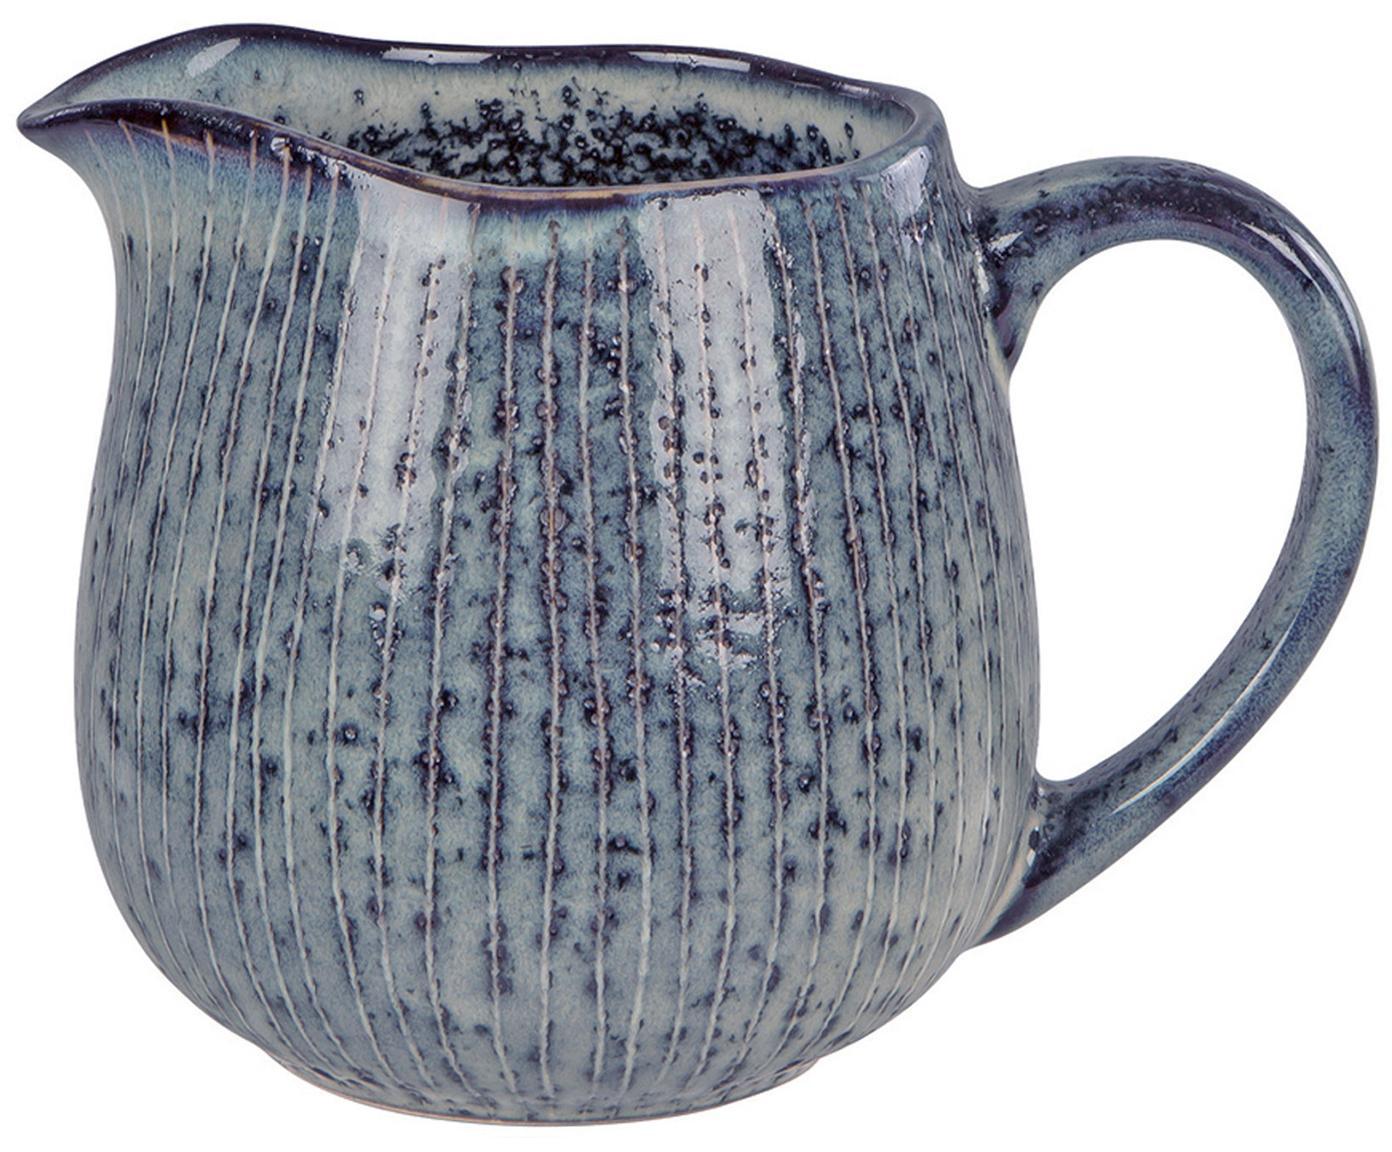 Handgemachtes Milchkännchen Nordic Sea aus Steingut, Steingut, Grau- und Blautöne, Ø 12 x H 9 cm